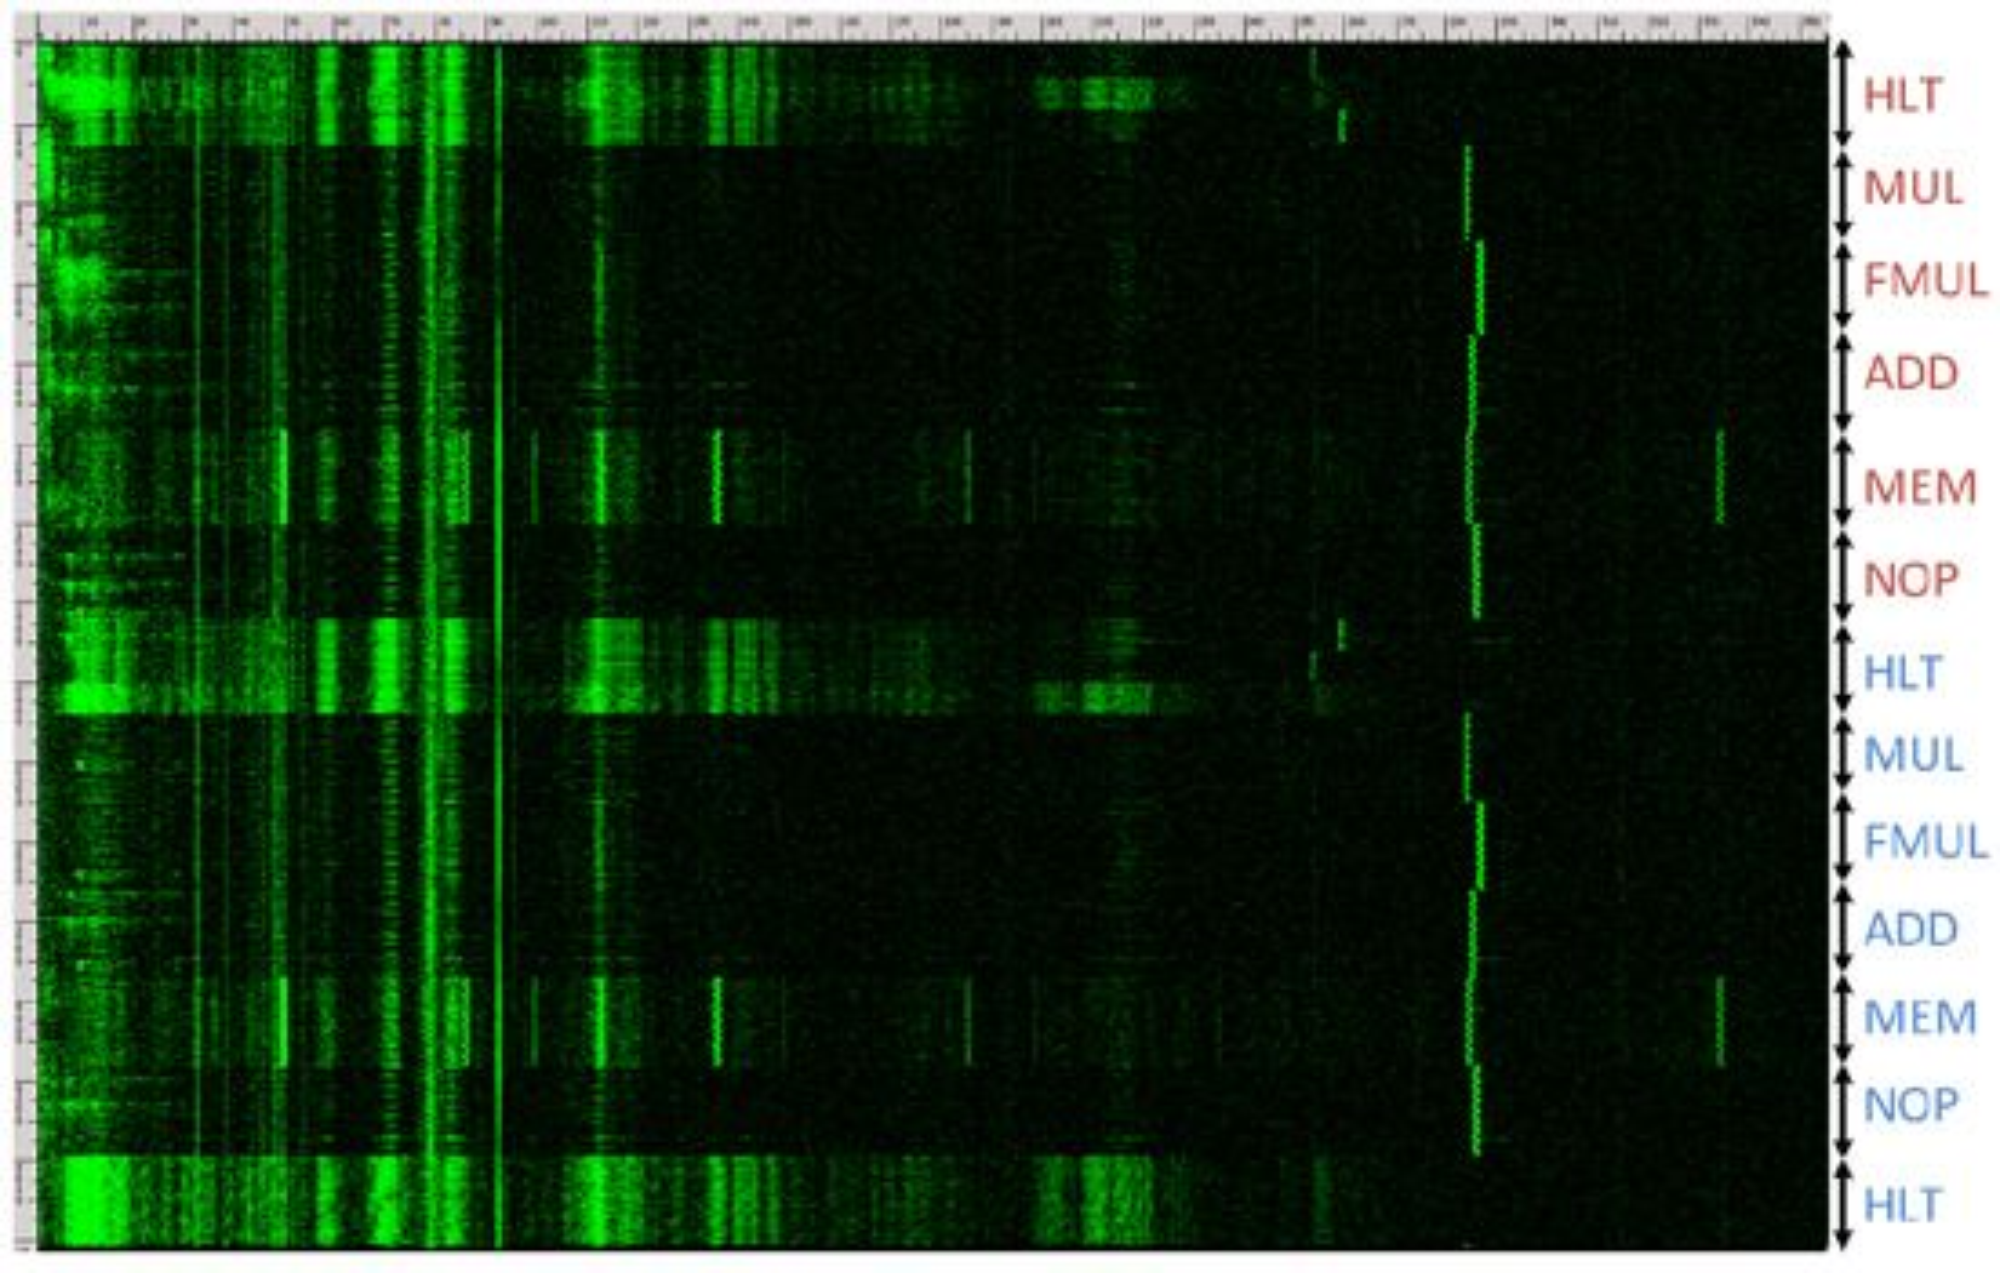 En tidlig fase i forskningen gikk ut på å kartlegge støyen fra pc-ens CPU, avhengig av hvilke instrukser som CPU-en kjørte. Bildet plotter frekvens (0 til 360 kHz) i x-aksen, og tid (3,7 sekunder) i y-aksen. Bokstavene viser til CPU-instrukser: HLT er «sov», MUL er heltallsmultiplikasjon, FMUL er flytetallsmultiplikasjon og så videre.